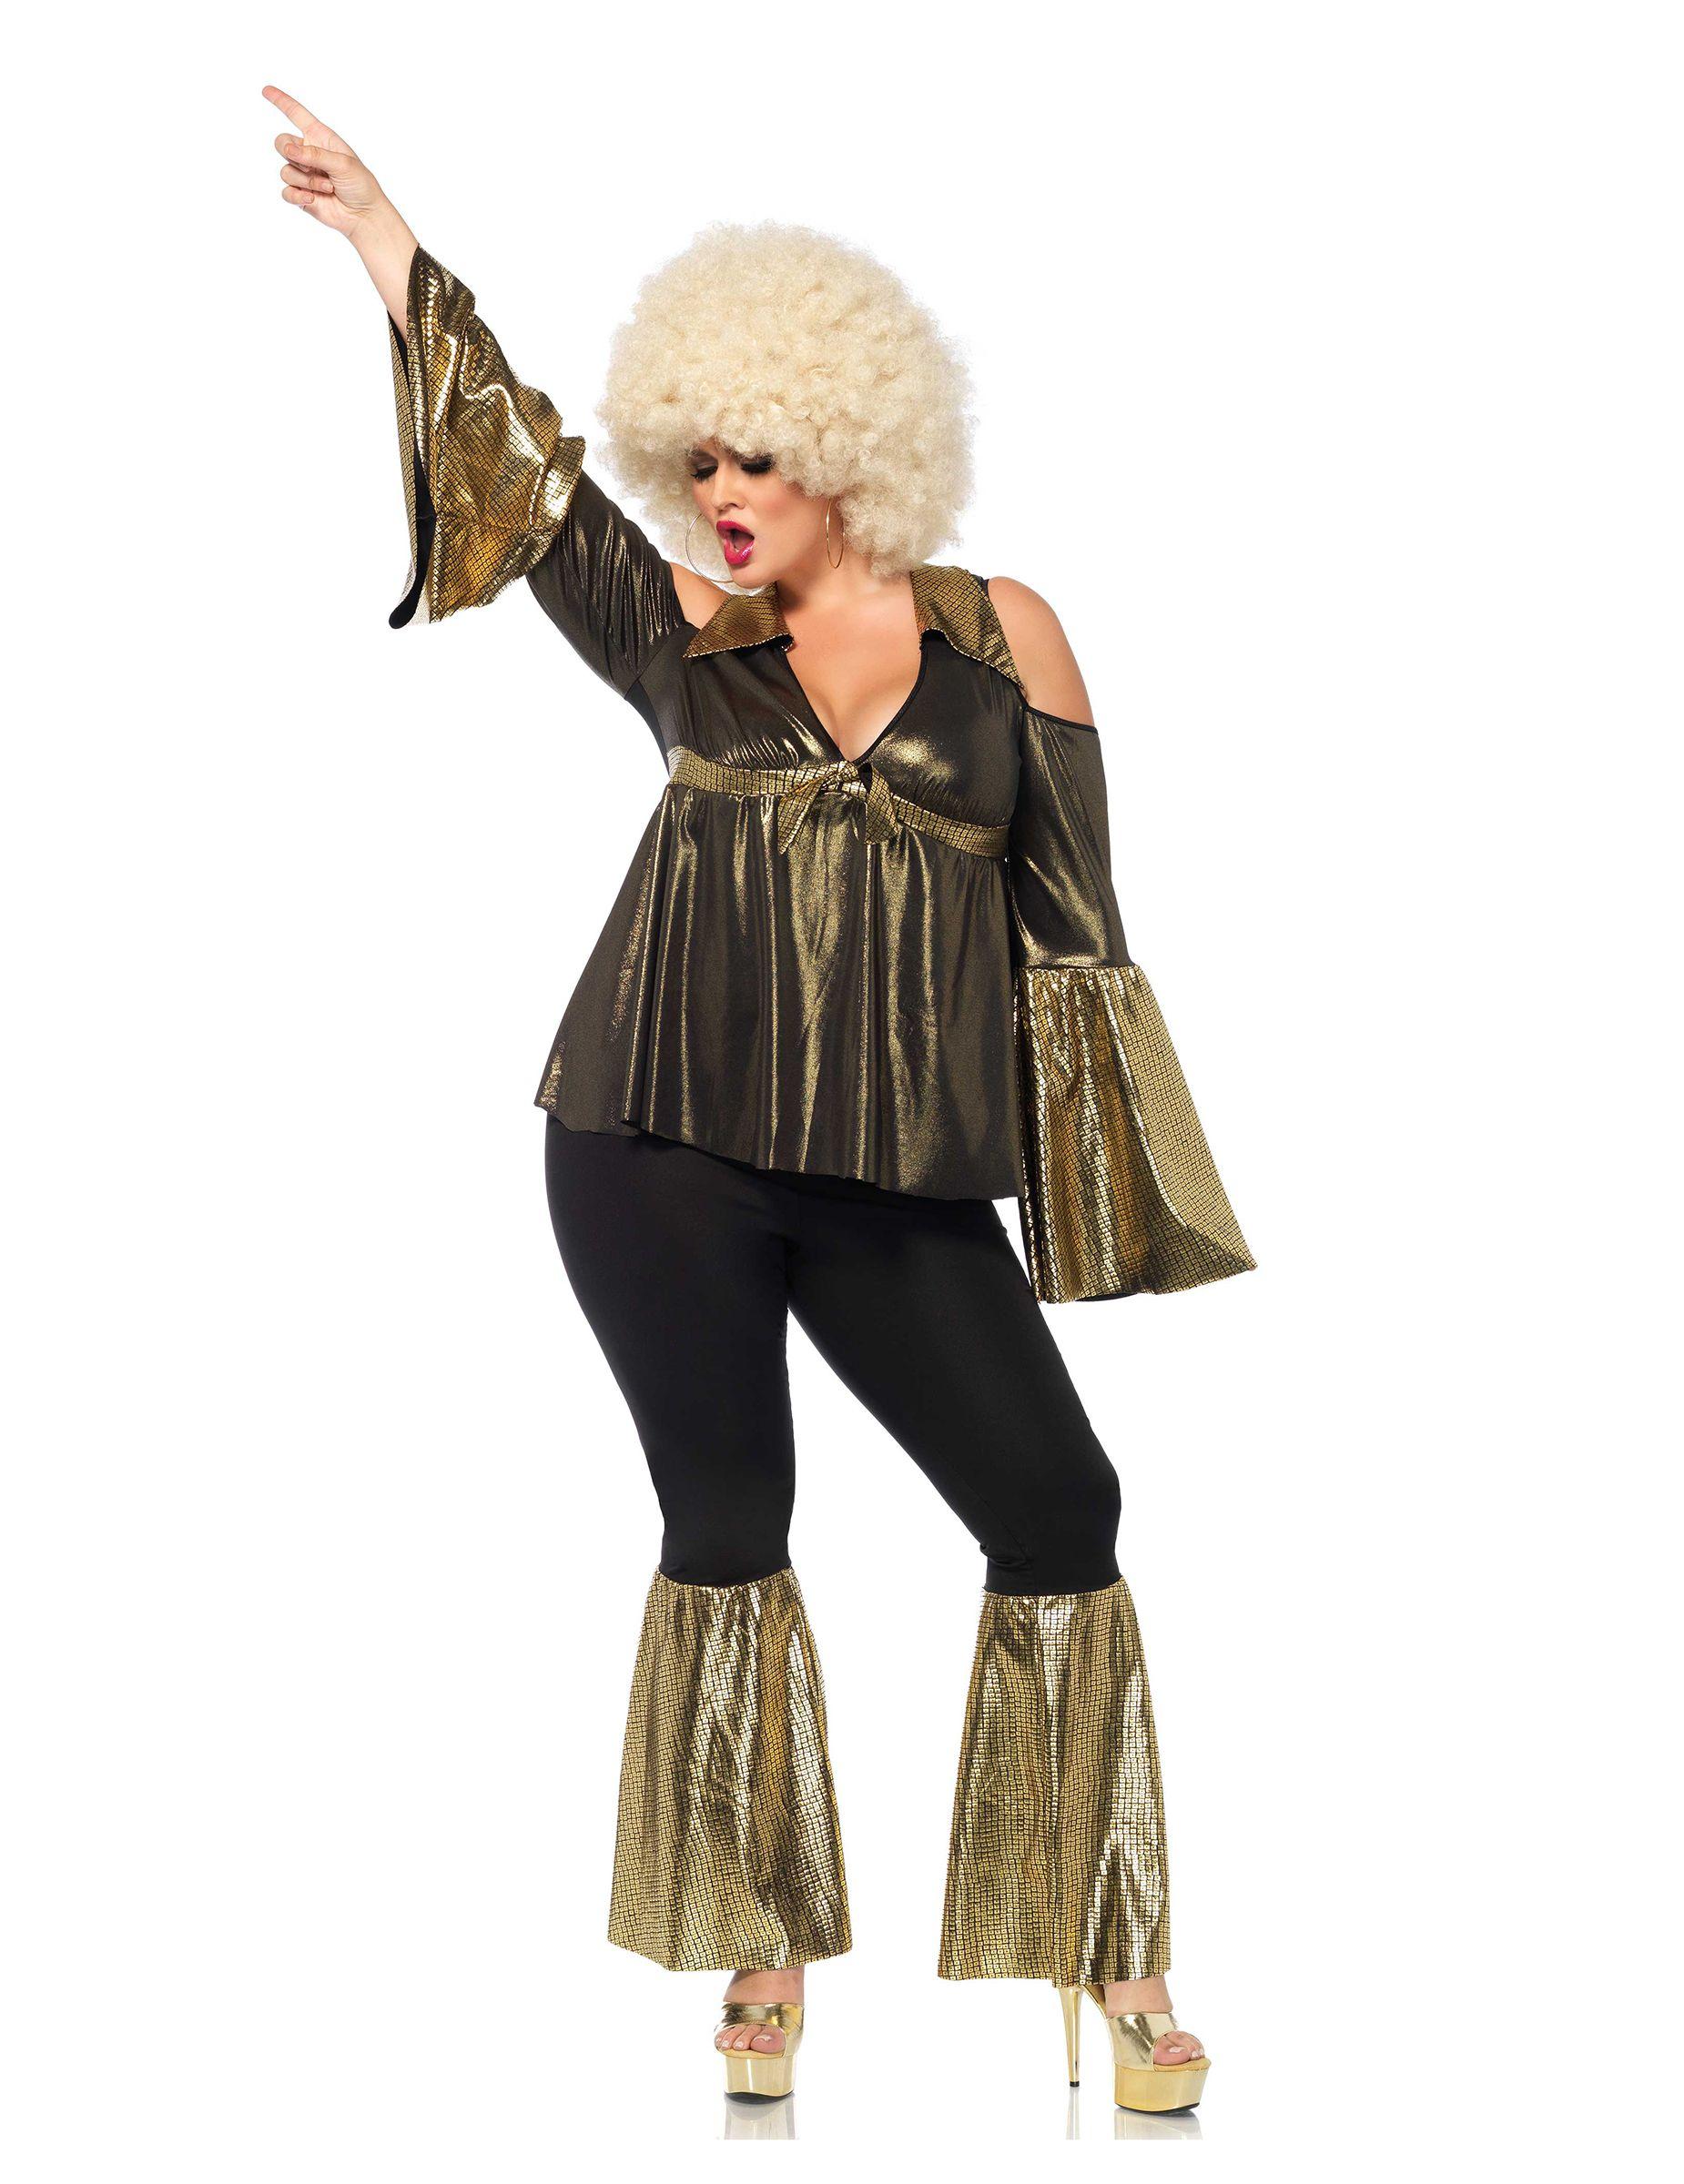 714431bd03 70er-Jahre Disco Plus Size Damenkostüm schwarz-gold , günstige Faschings  Kostüme bei Karneval Megastore, der größte Karneval und Faschings Kostüm-  und ...